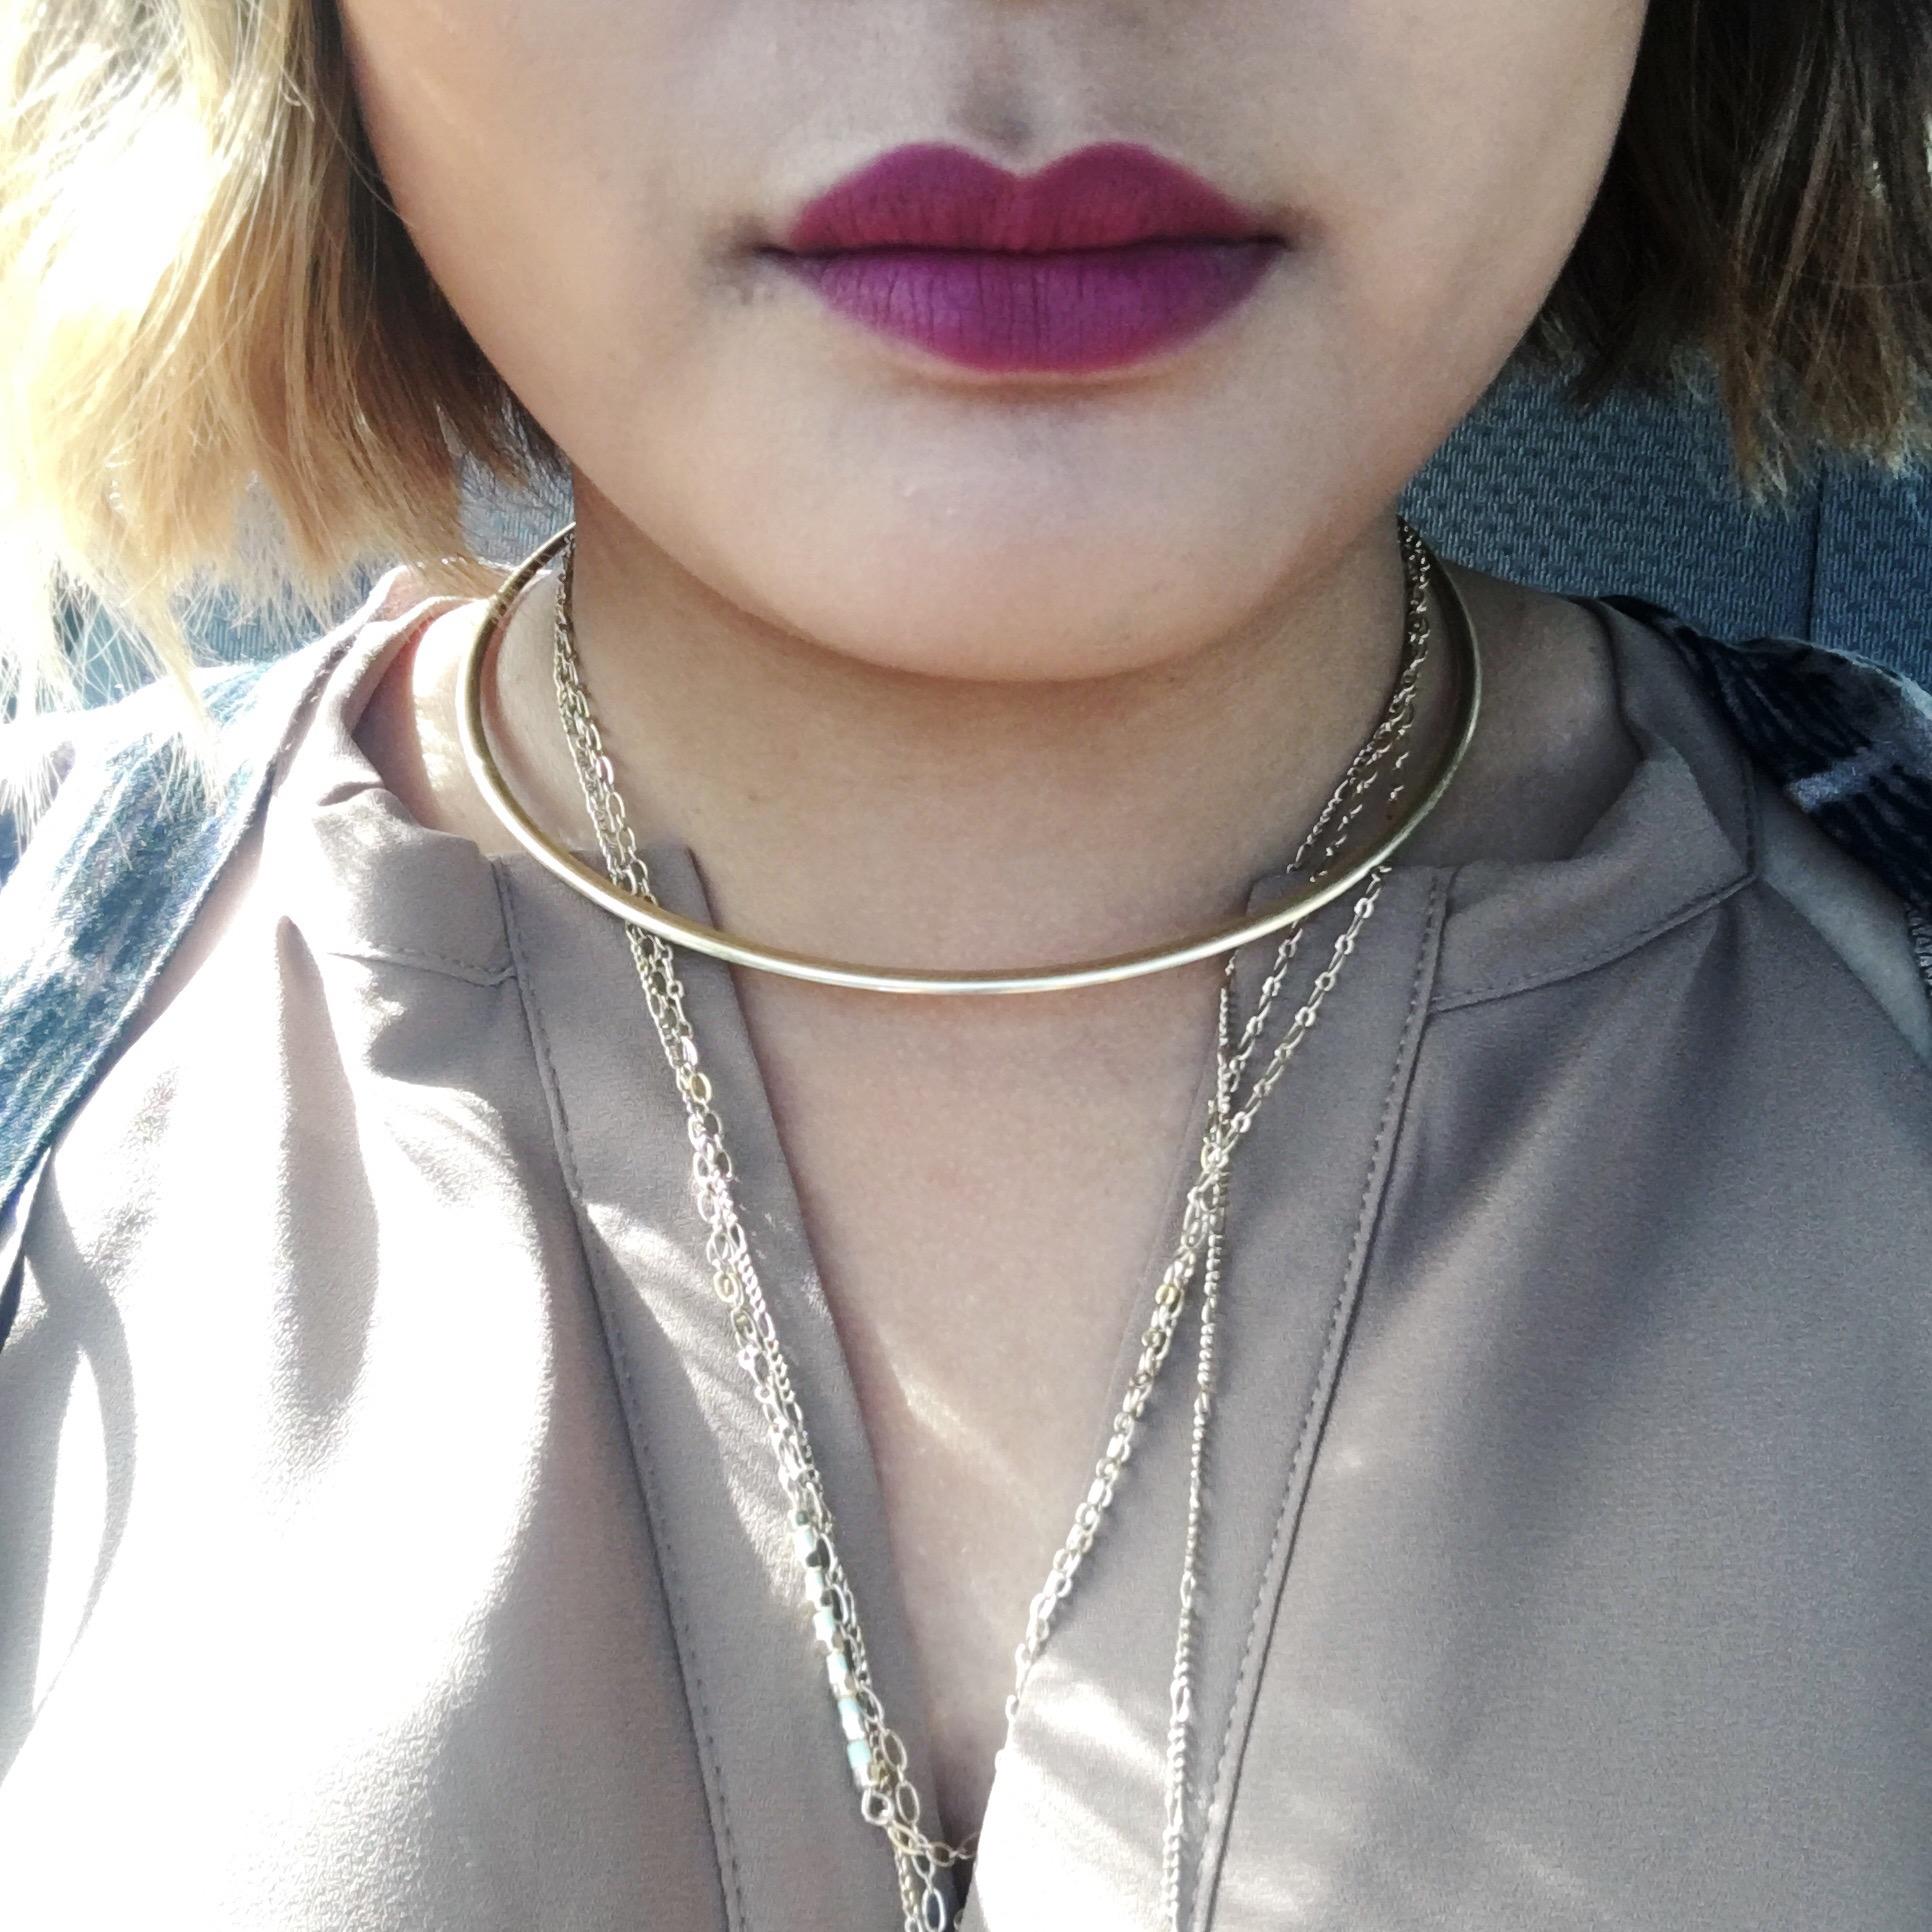 Lip Liner in Velvet Rose | Lipstick in Soft Matte Plum